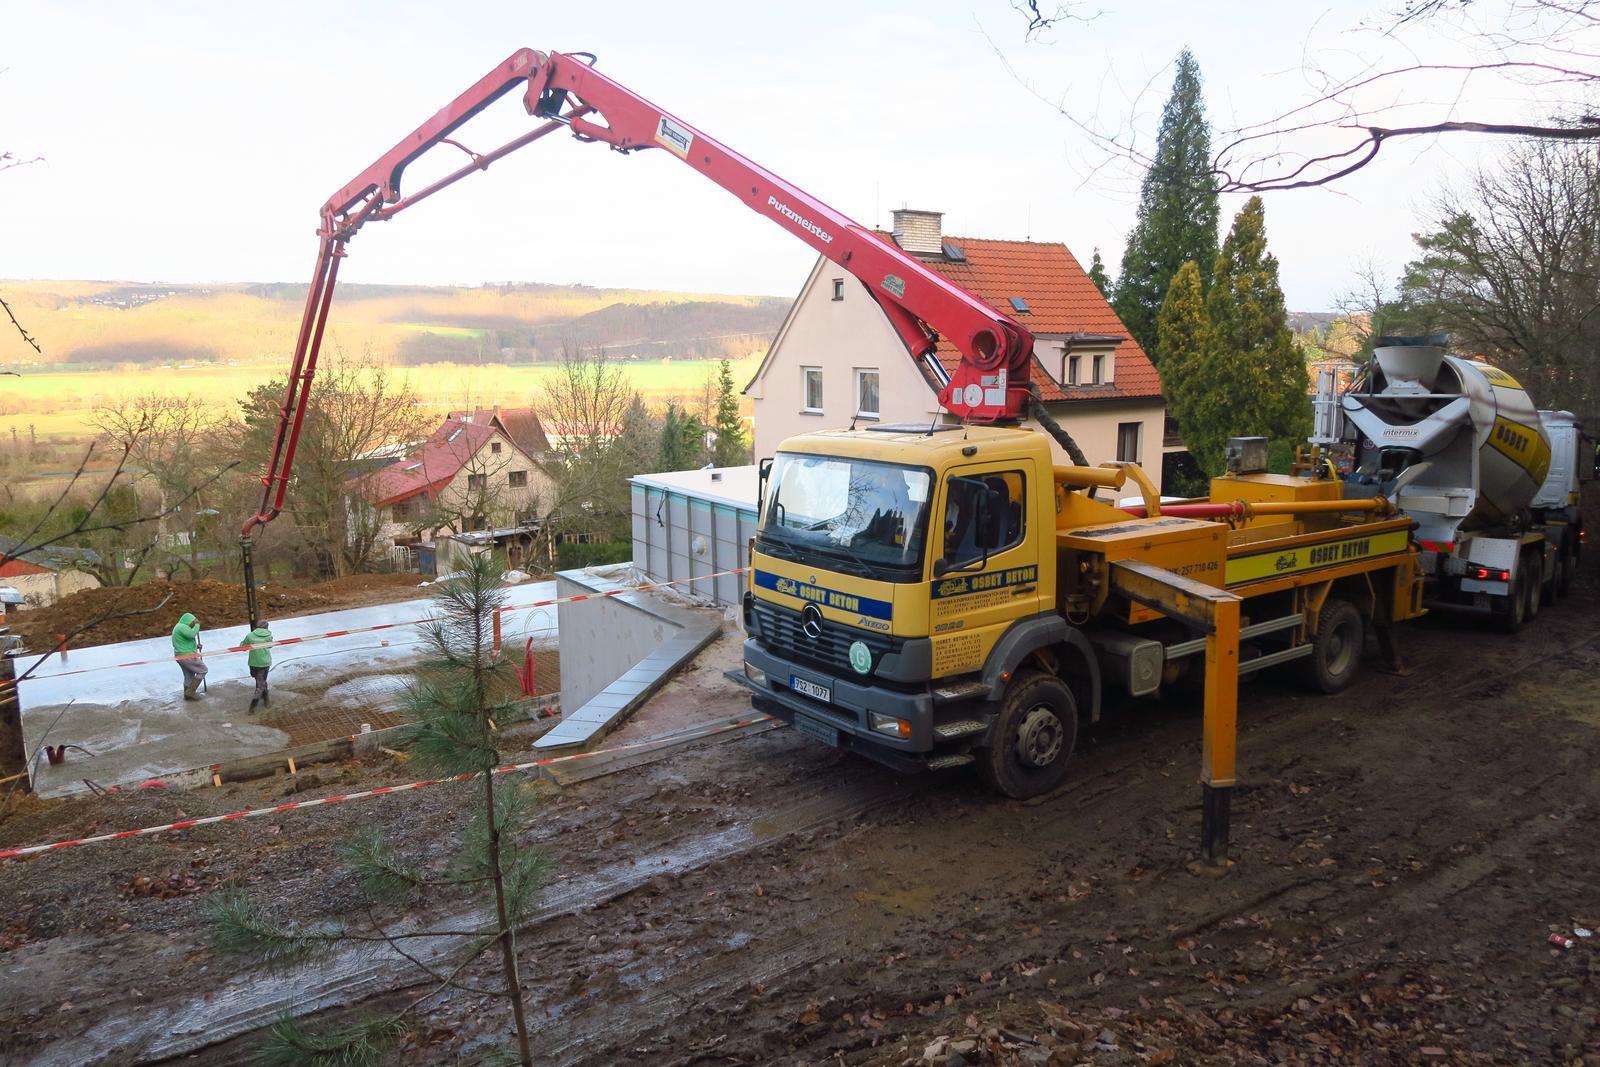 Stavba našeho bungalovu ve svahu - Obrázek č. 35